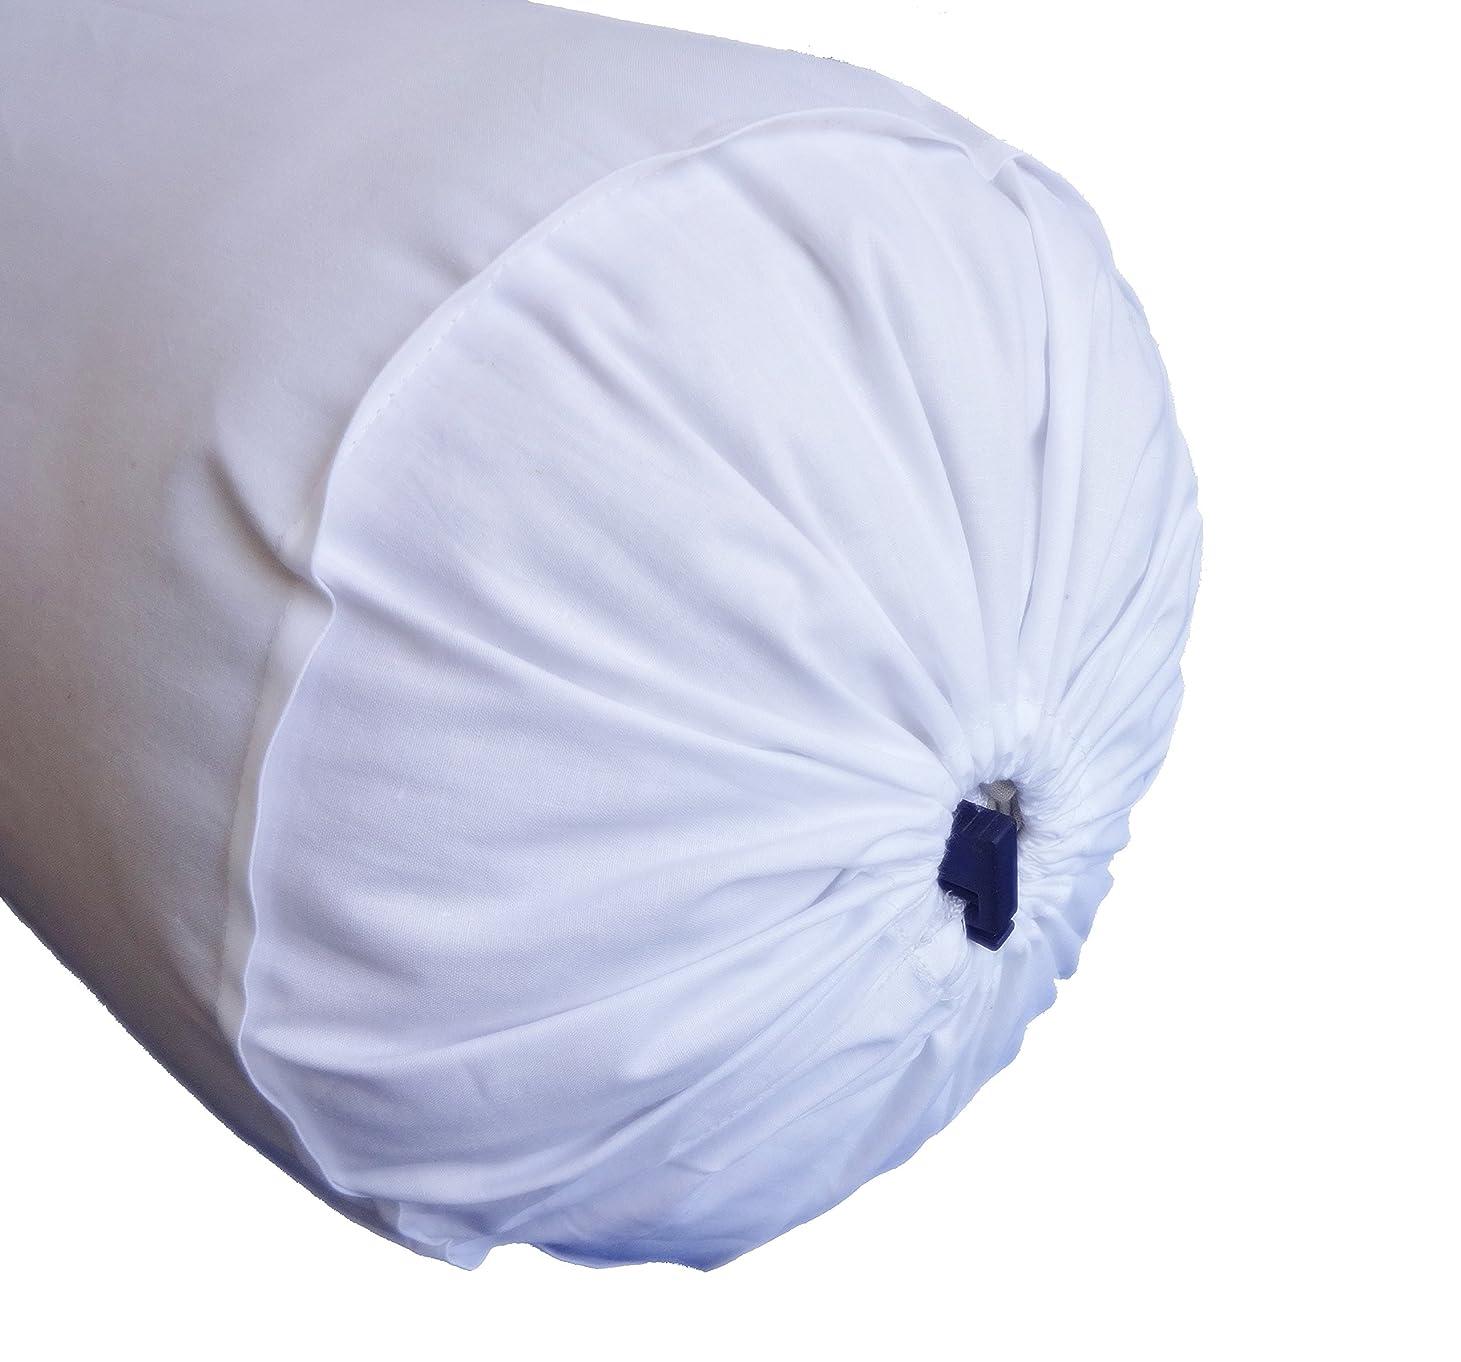 絵悩みパトロンSaffron ラウンドホワイトボルスター枕カバー コットンネックロール枕 取り外し可能カバー 直径6インチ 6x26